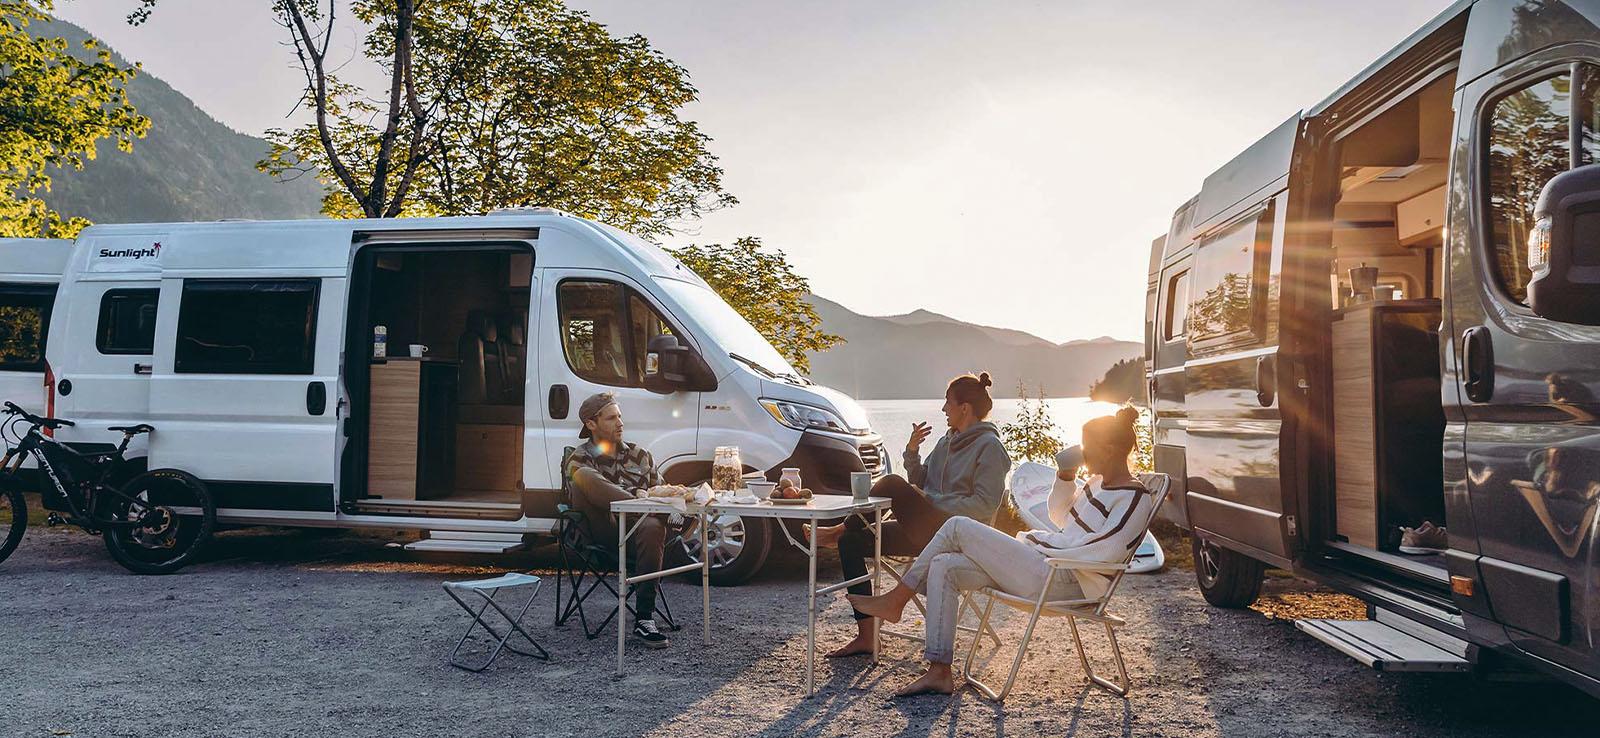 Wohnmobile Saarland - Ihr Partner rund um Caravaning und Camping